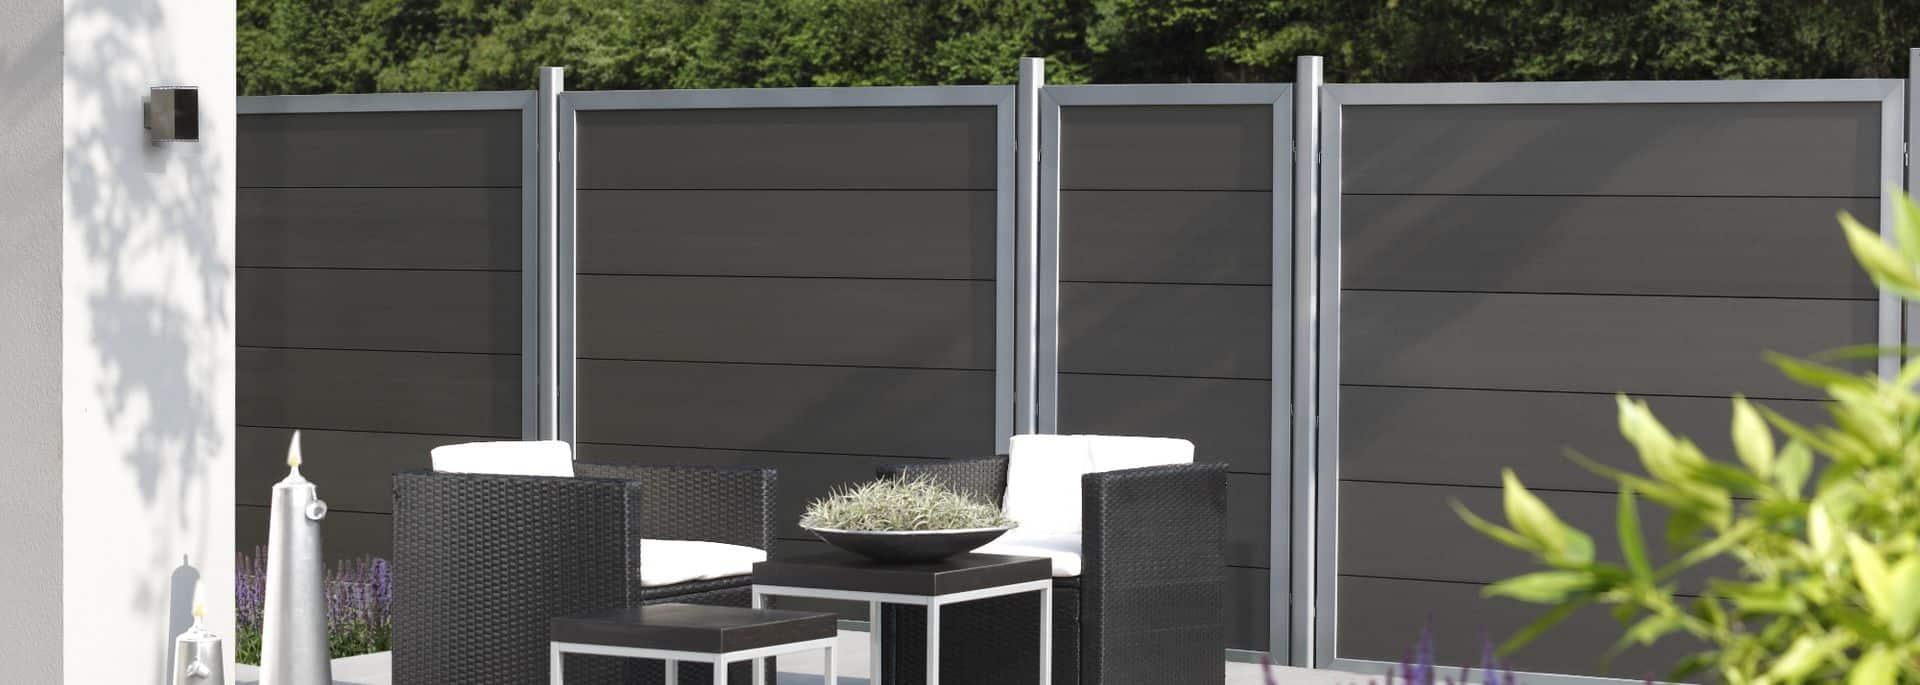 1 Design Sichtschutz Wpc Farbe Anthrazit Holz Im Garten